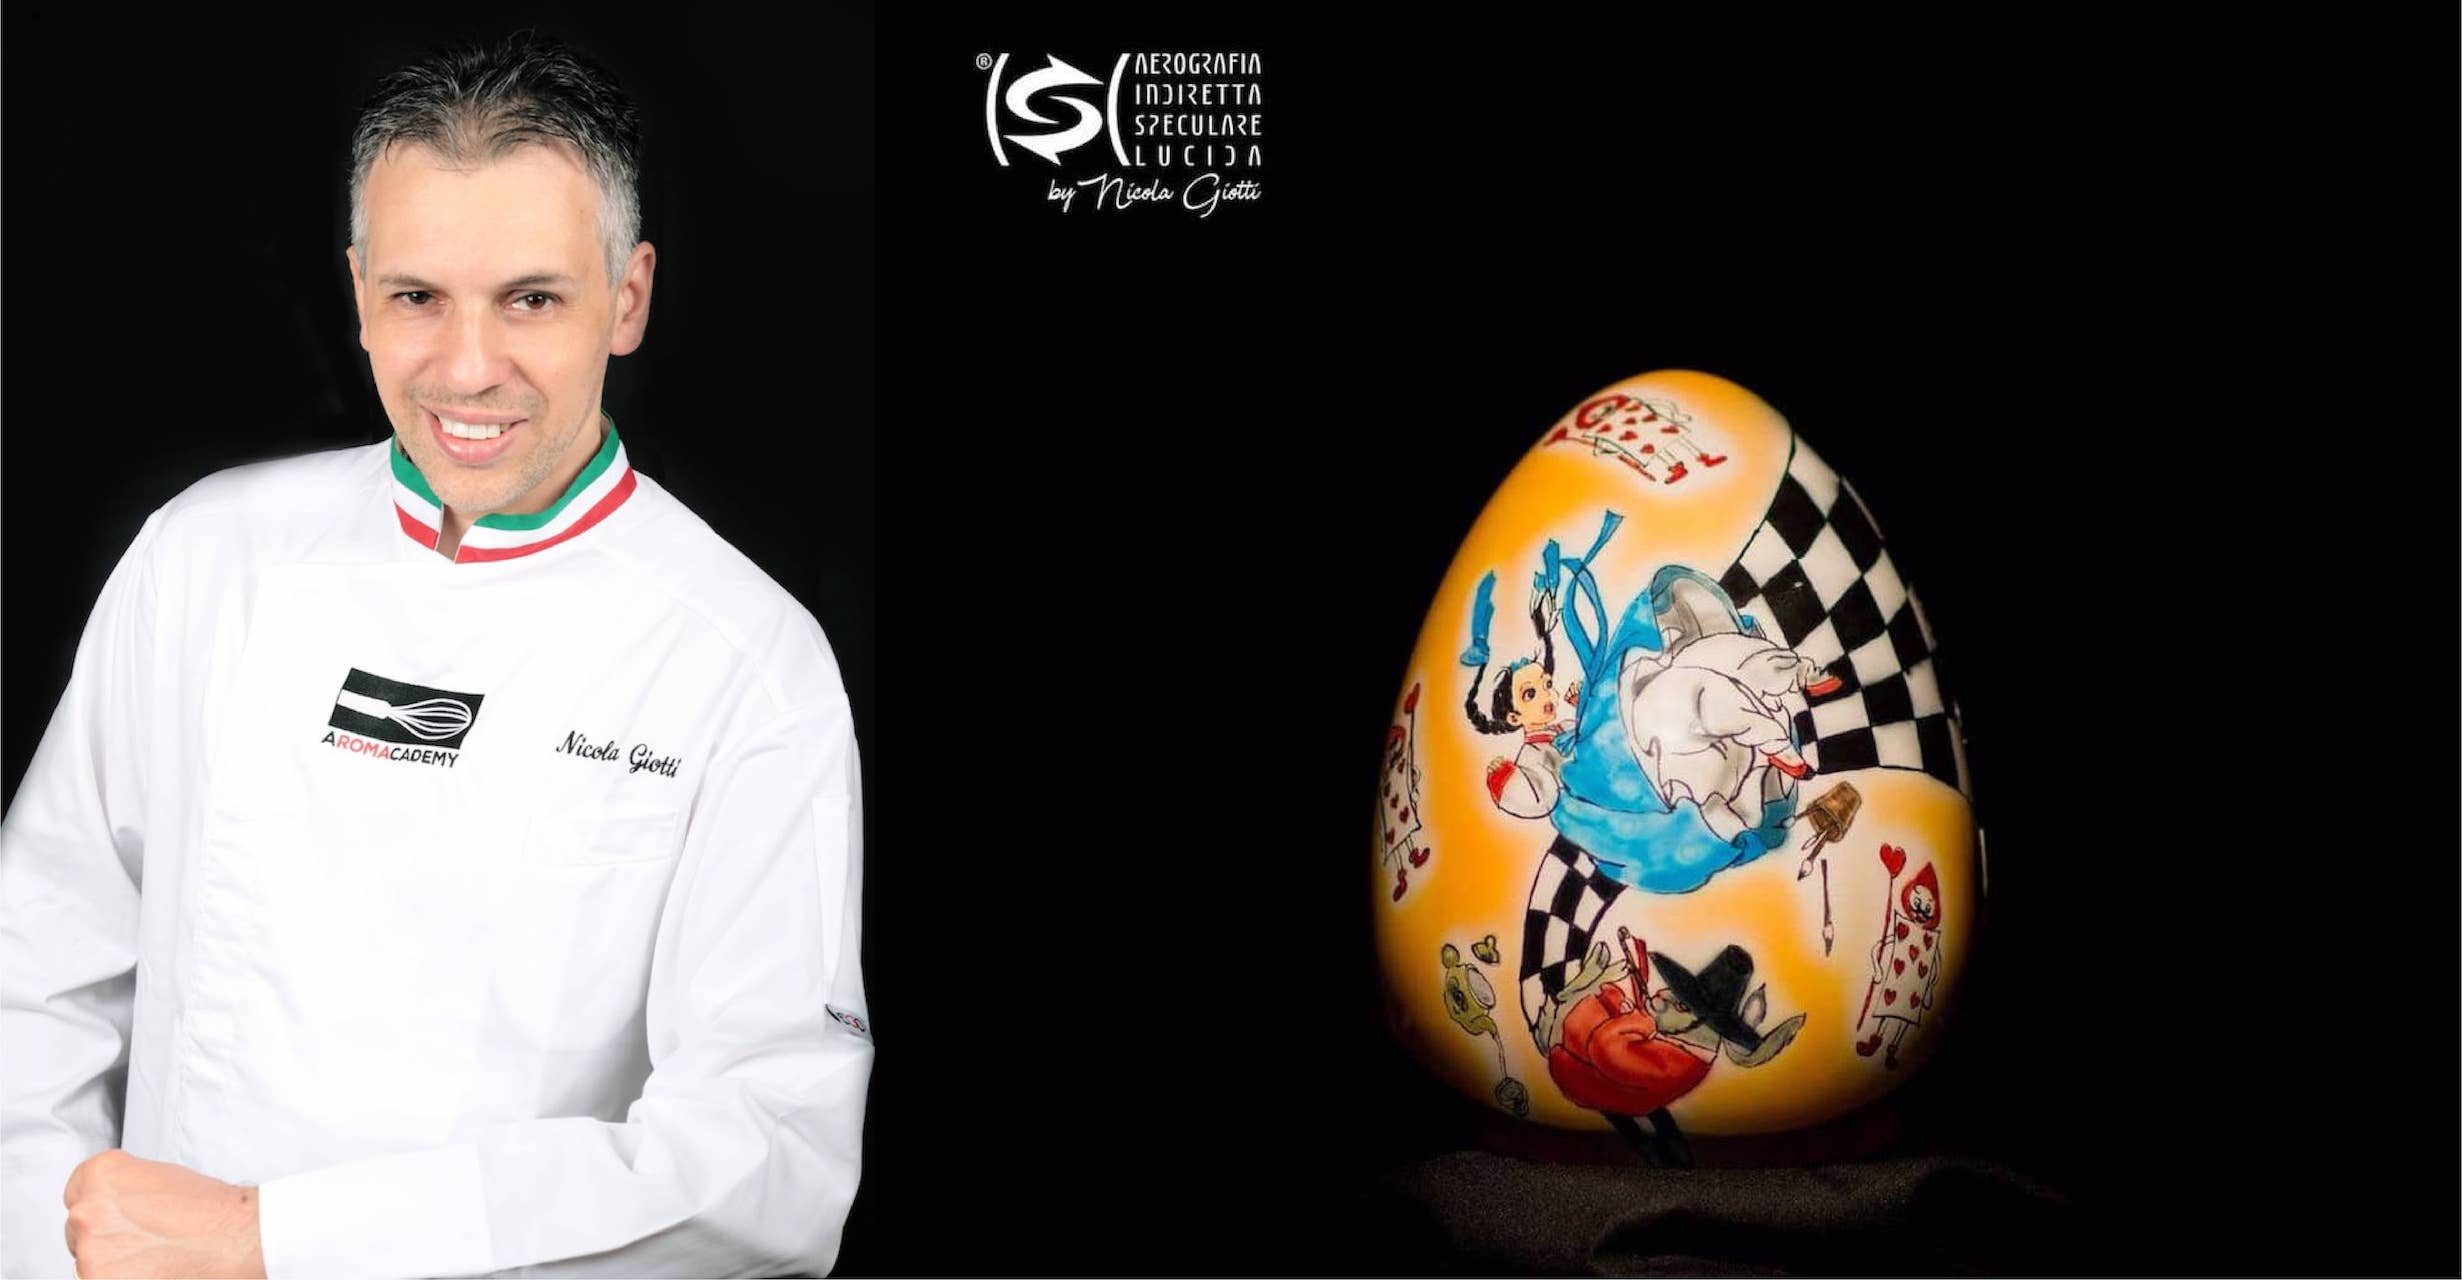 Nicola Giotti, maestro pasticcere e cioccolatiere a Giovinazzo (Bari) con una delle sue uova ad Areografia speculare indiretta lucida